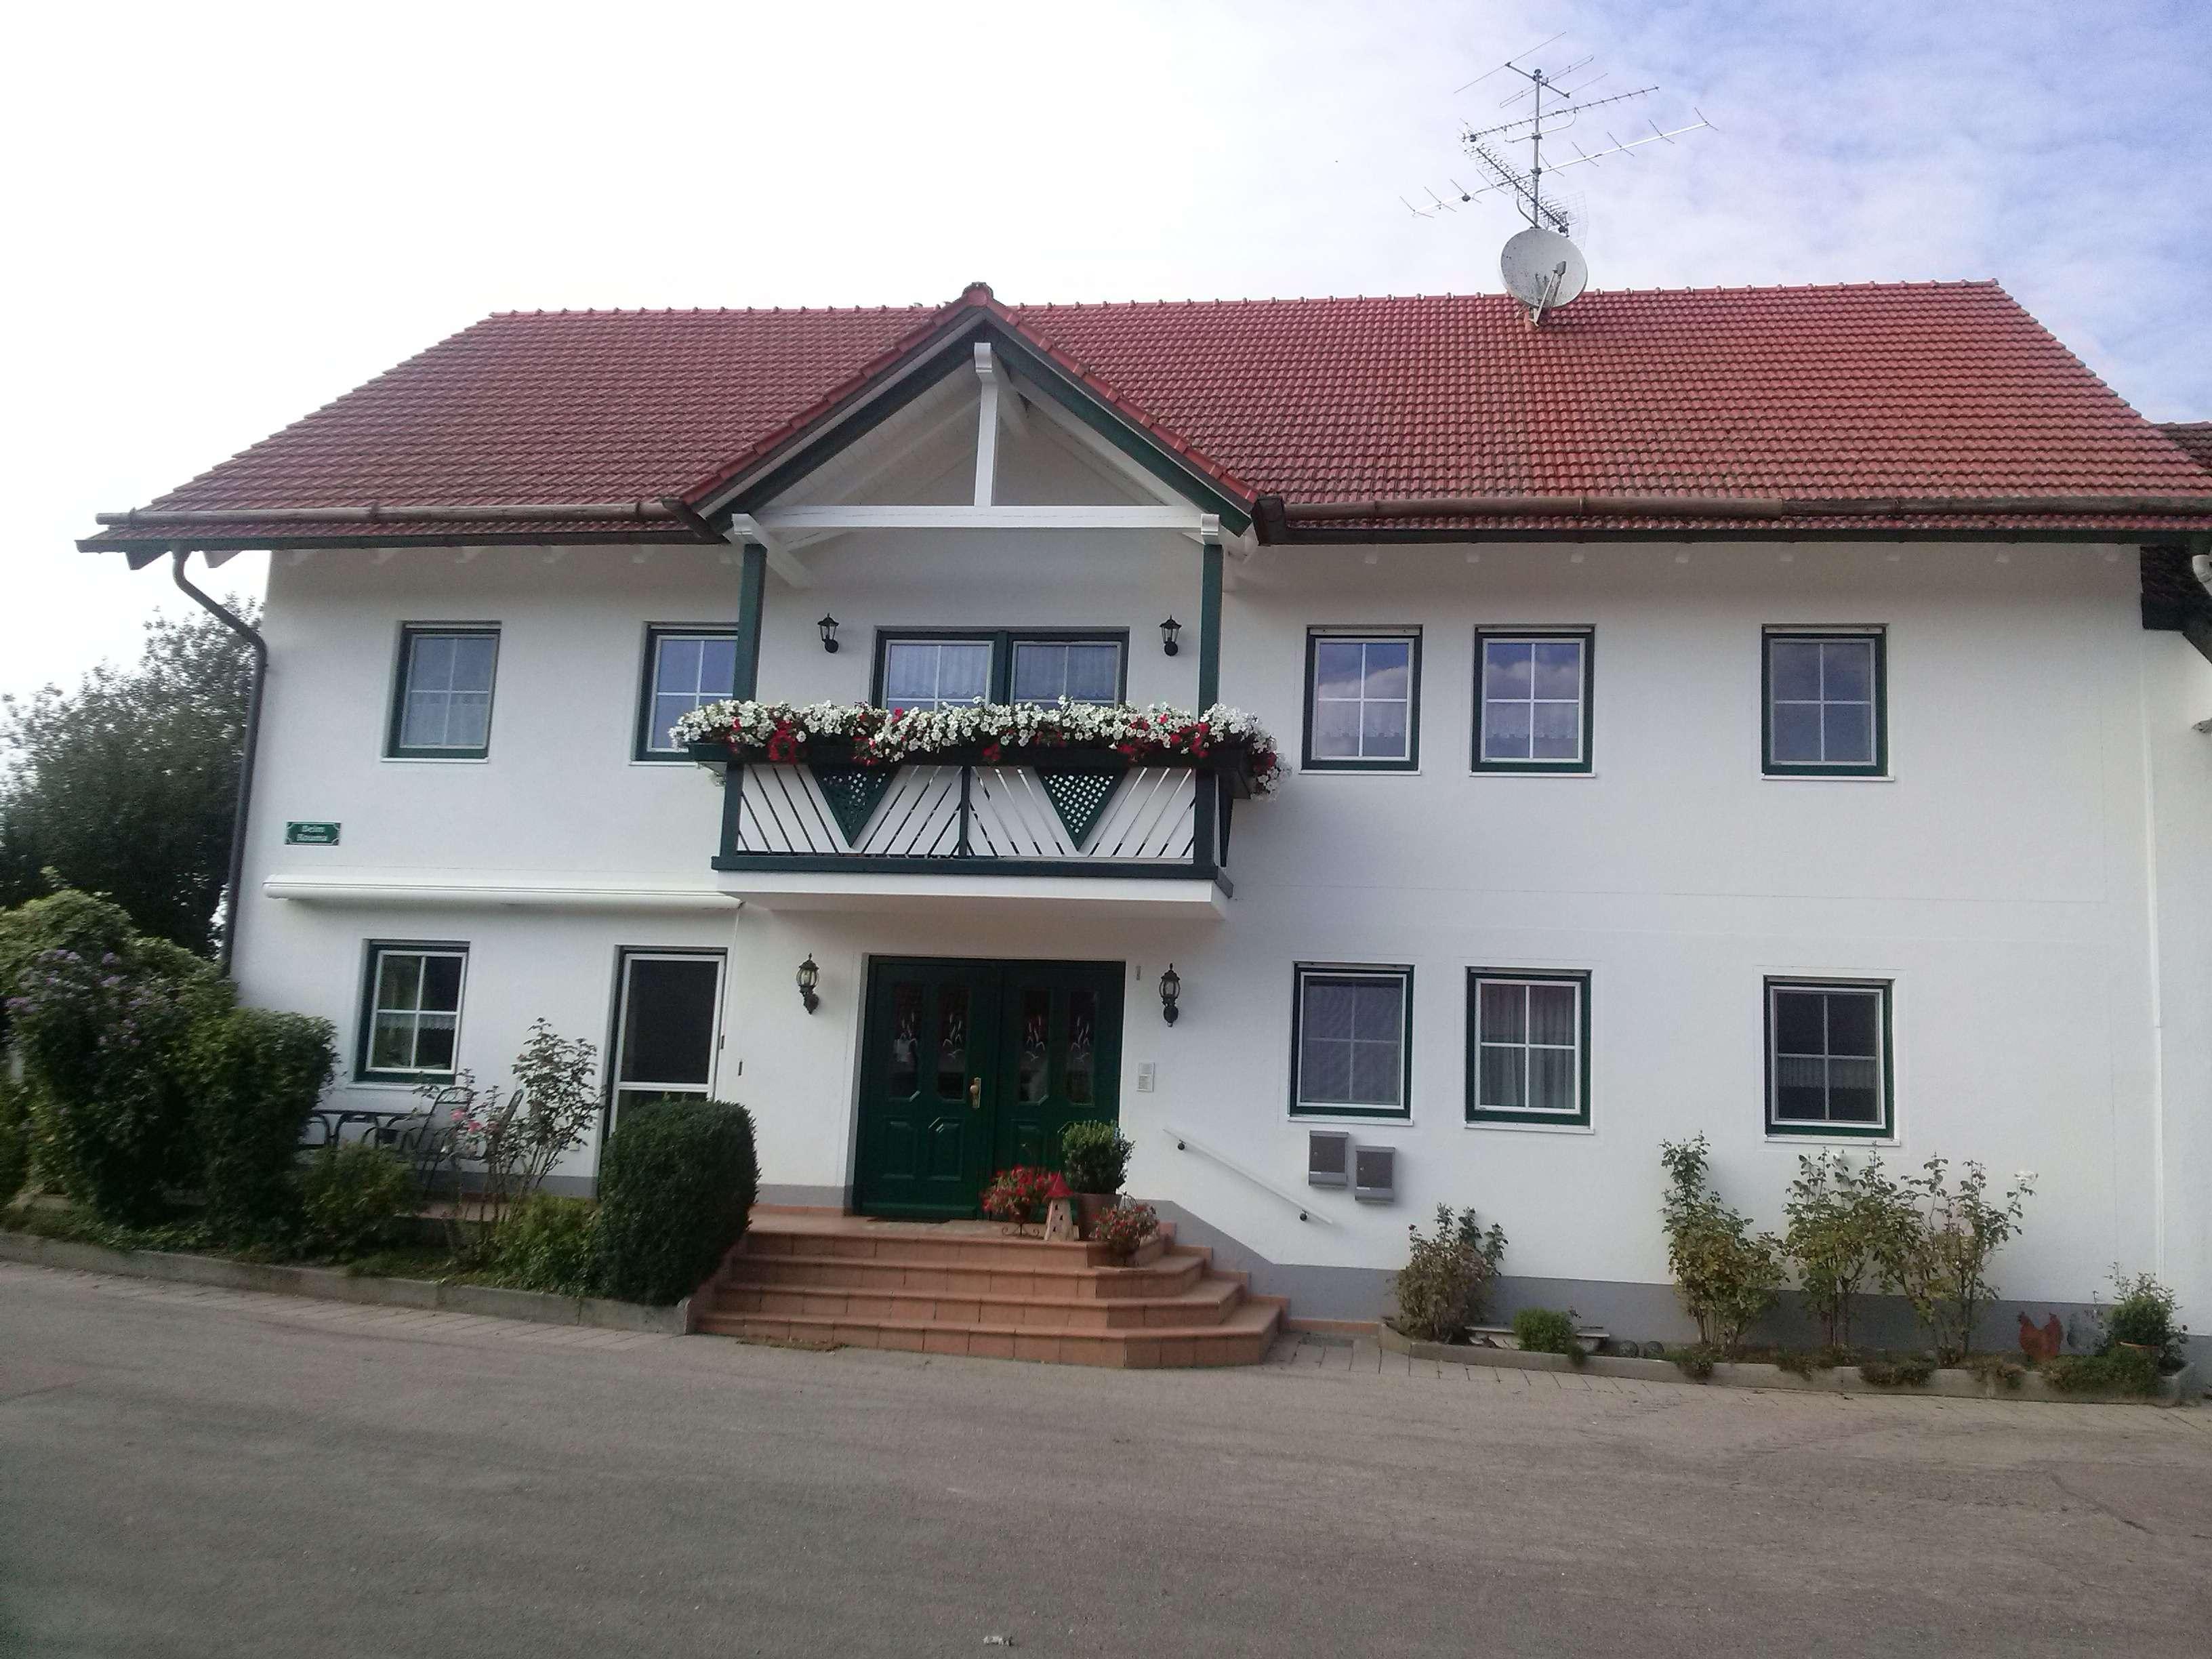 Gr. sehr geräumige Wohnung mit Balkon - Hof ohne Tierhaltung in